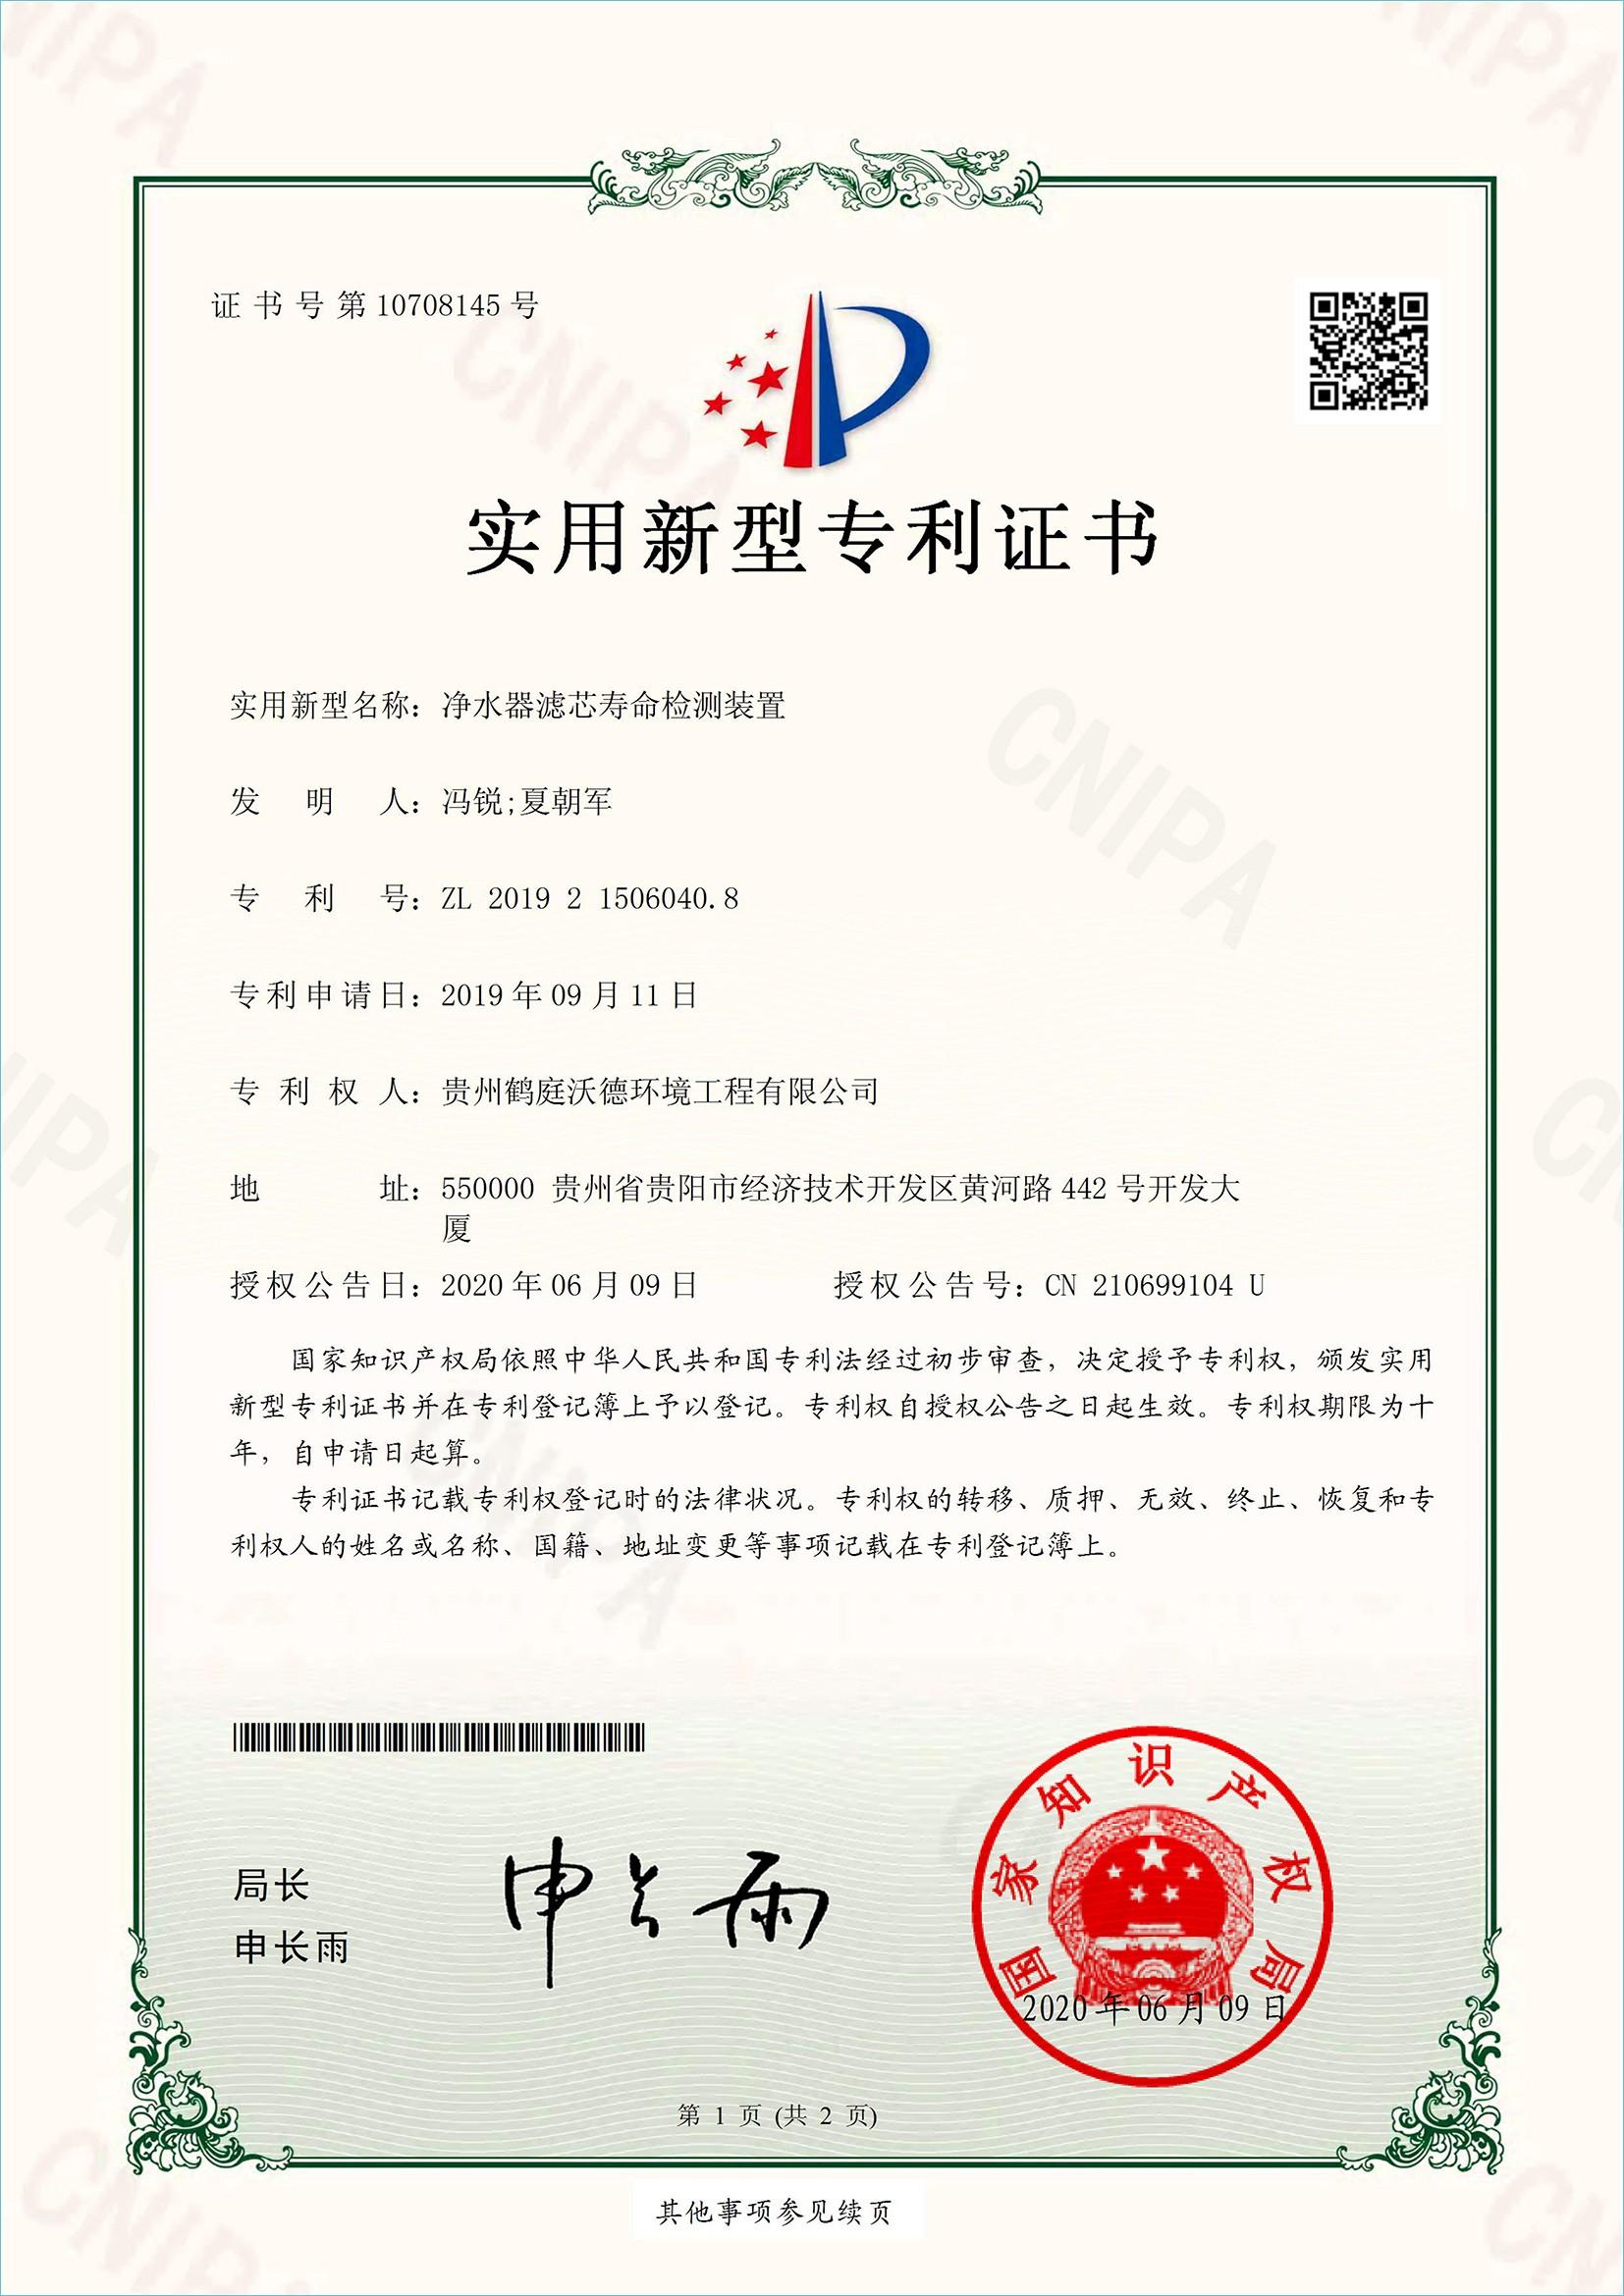 净水器滤芯寿命检测装置实用新型专利证书_00